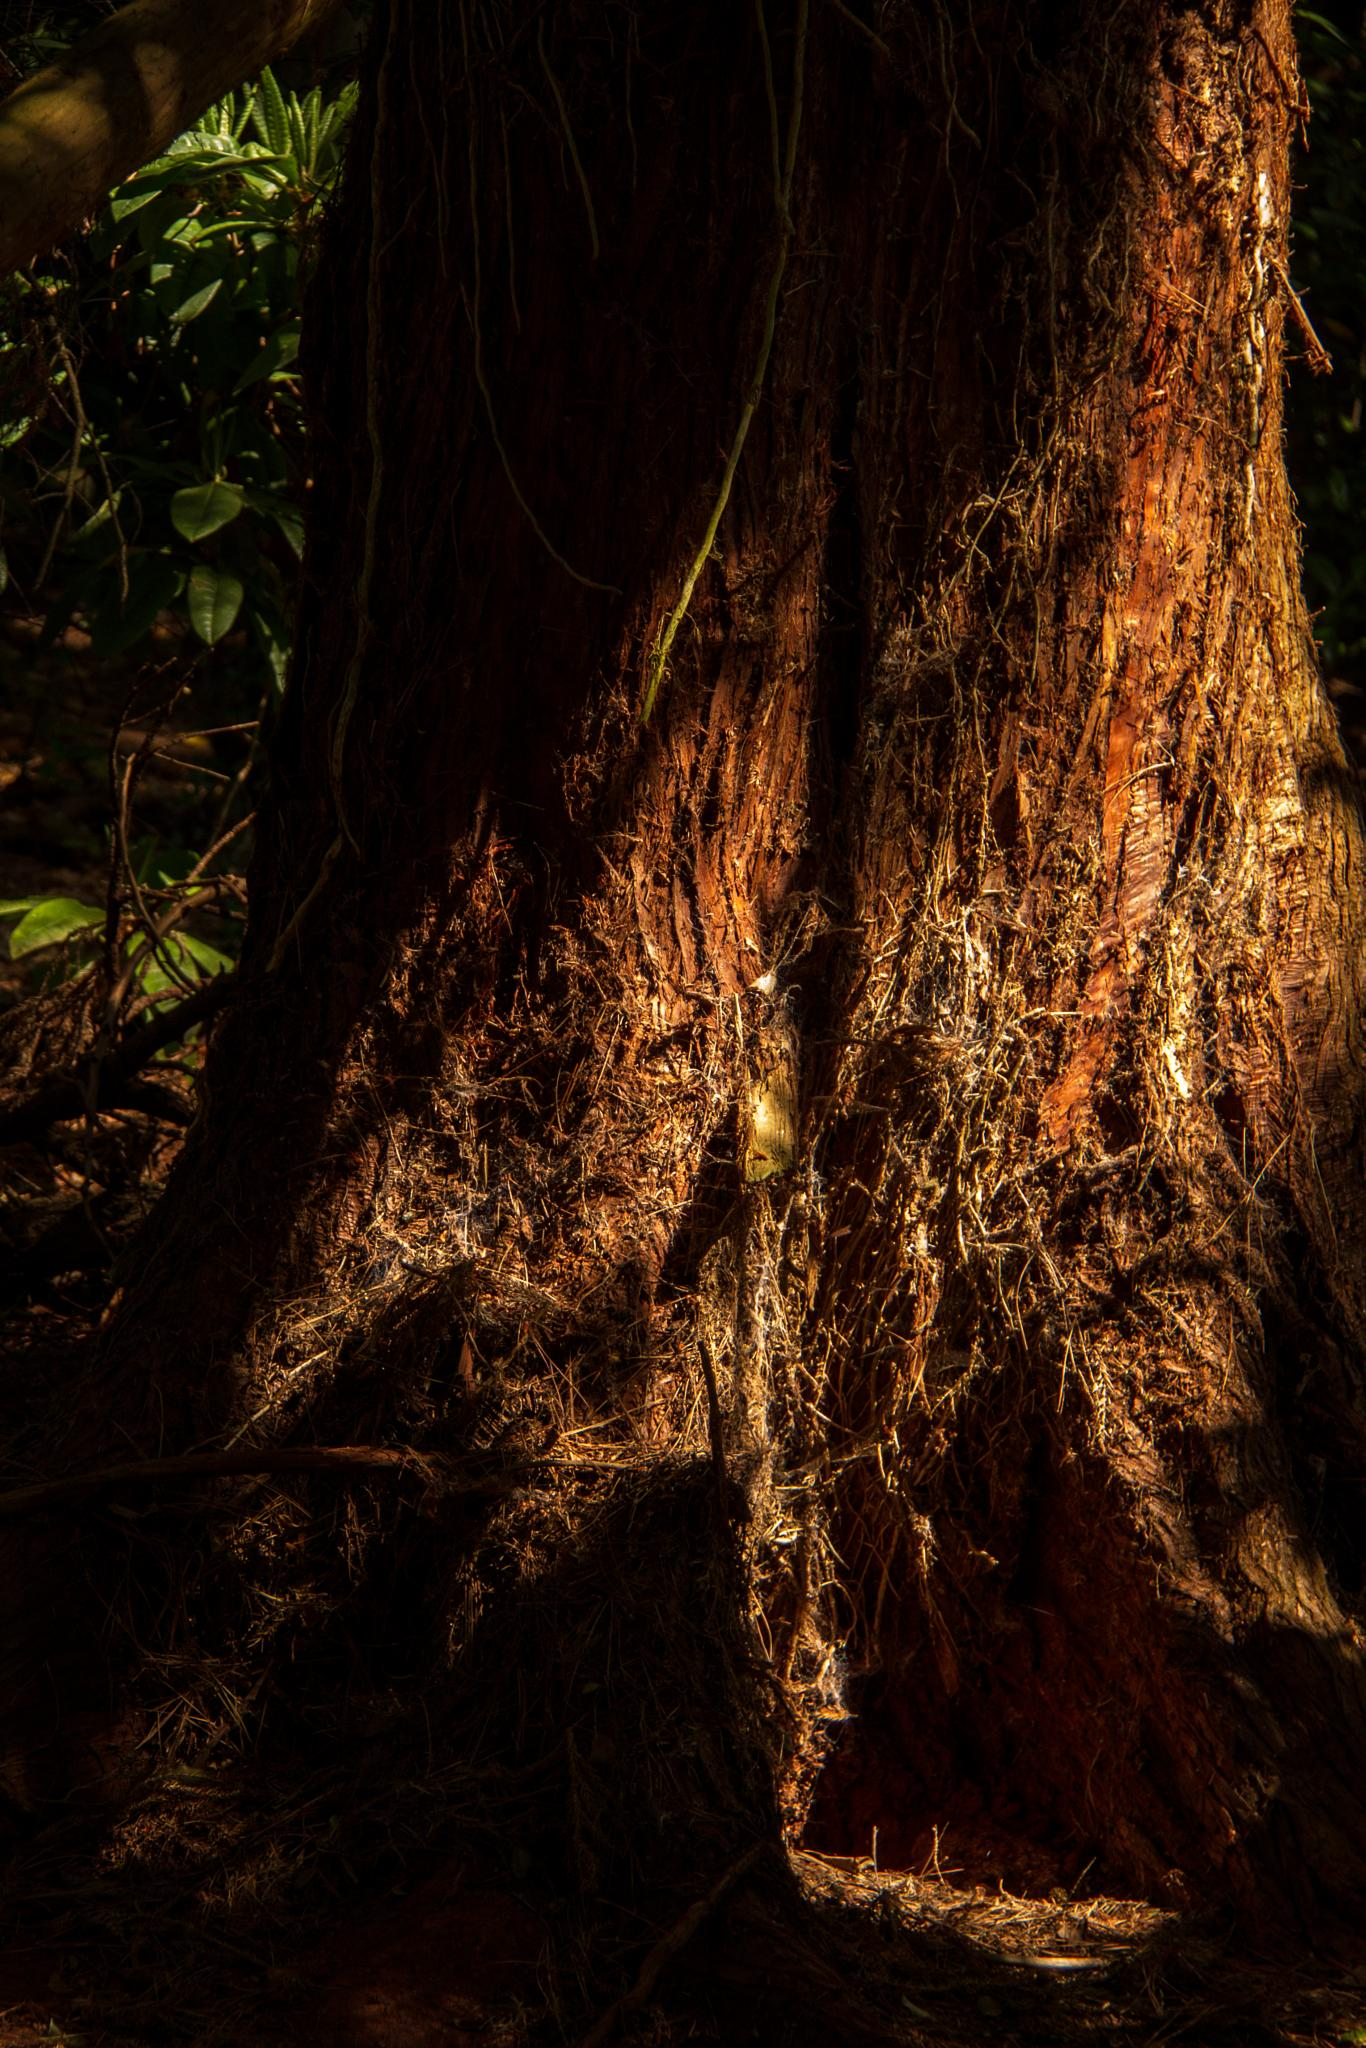 The dark dark woods by astroclan2